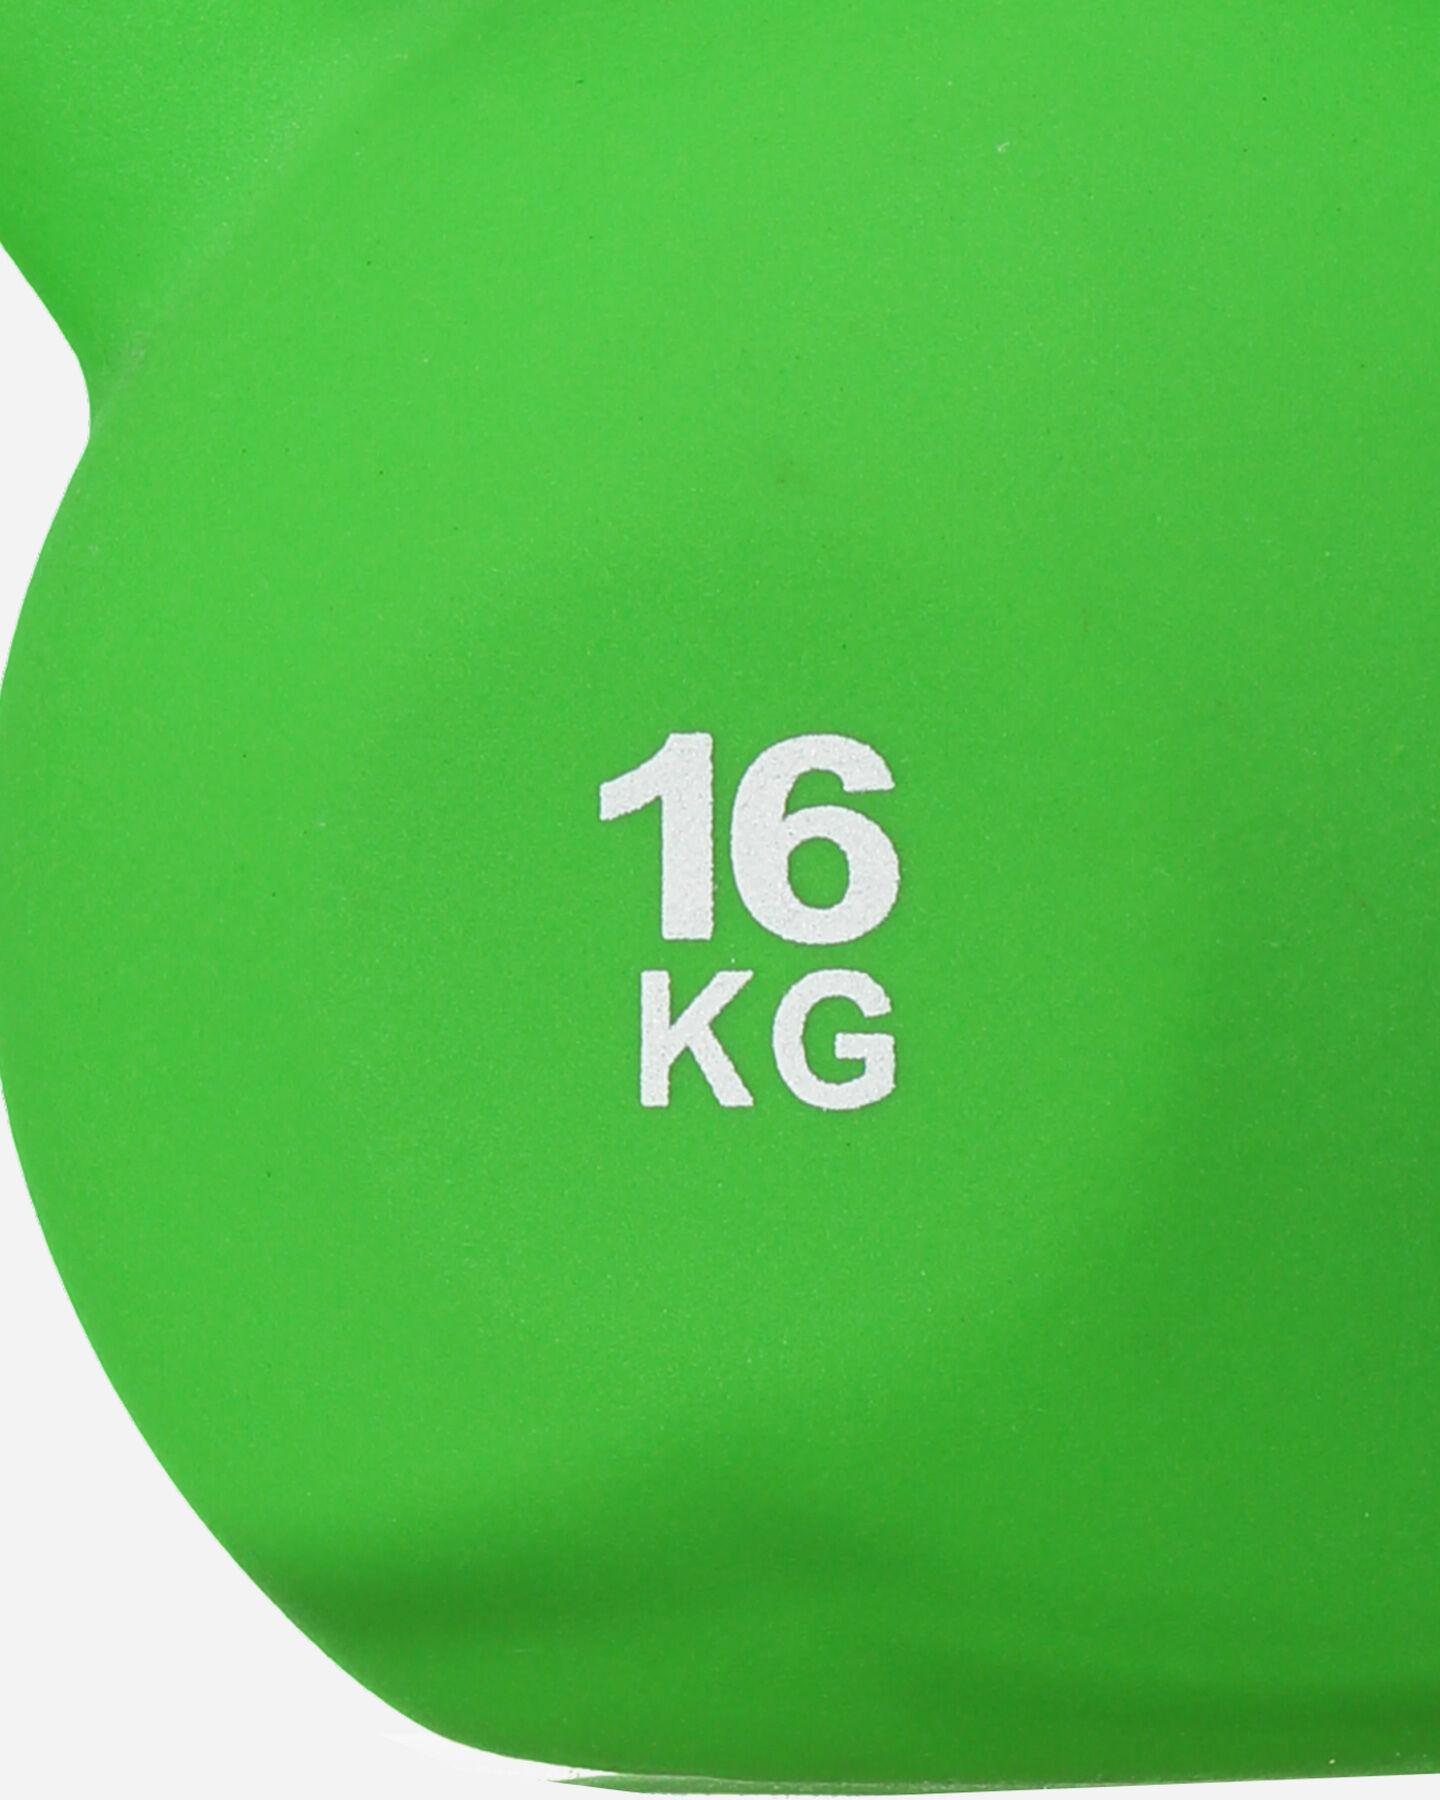 Manubrio CARNIELLI KETTLEBELL 16 KG S1194268|1|UNI scatto 1